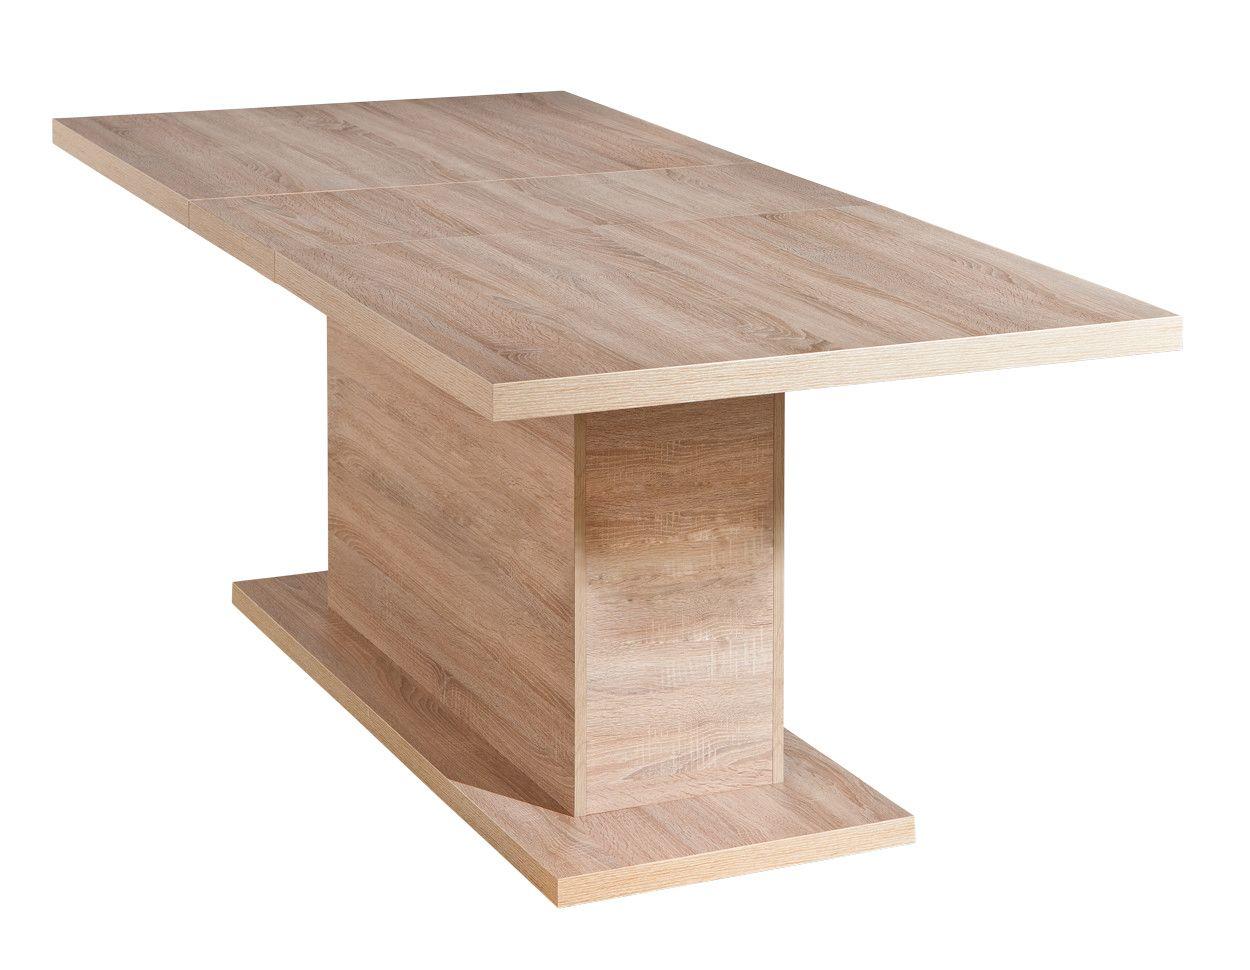 Faszinierend Esstisch Eiche Sonoma Sammlung Von Woody 148-00049 Holz Modern Jetzt Bestellen Unter: